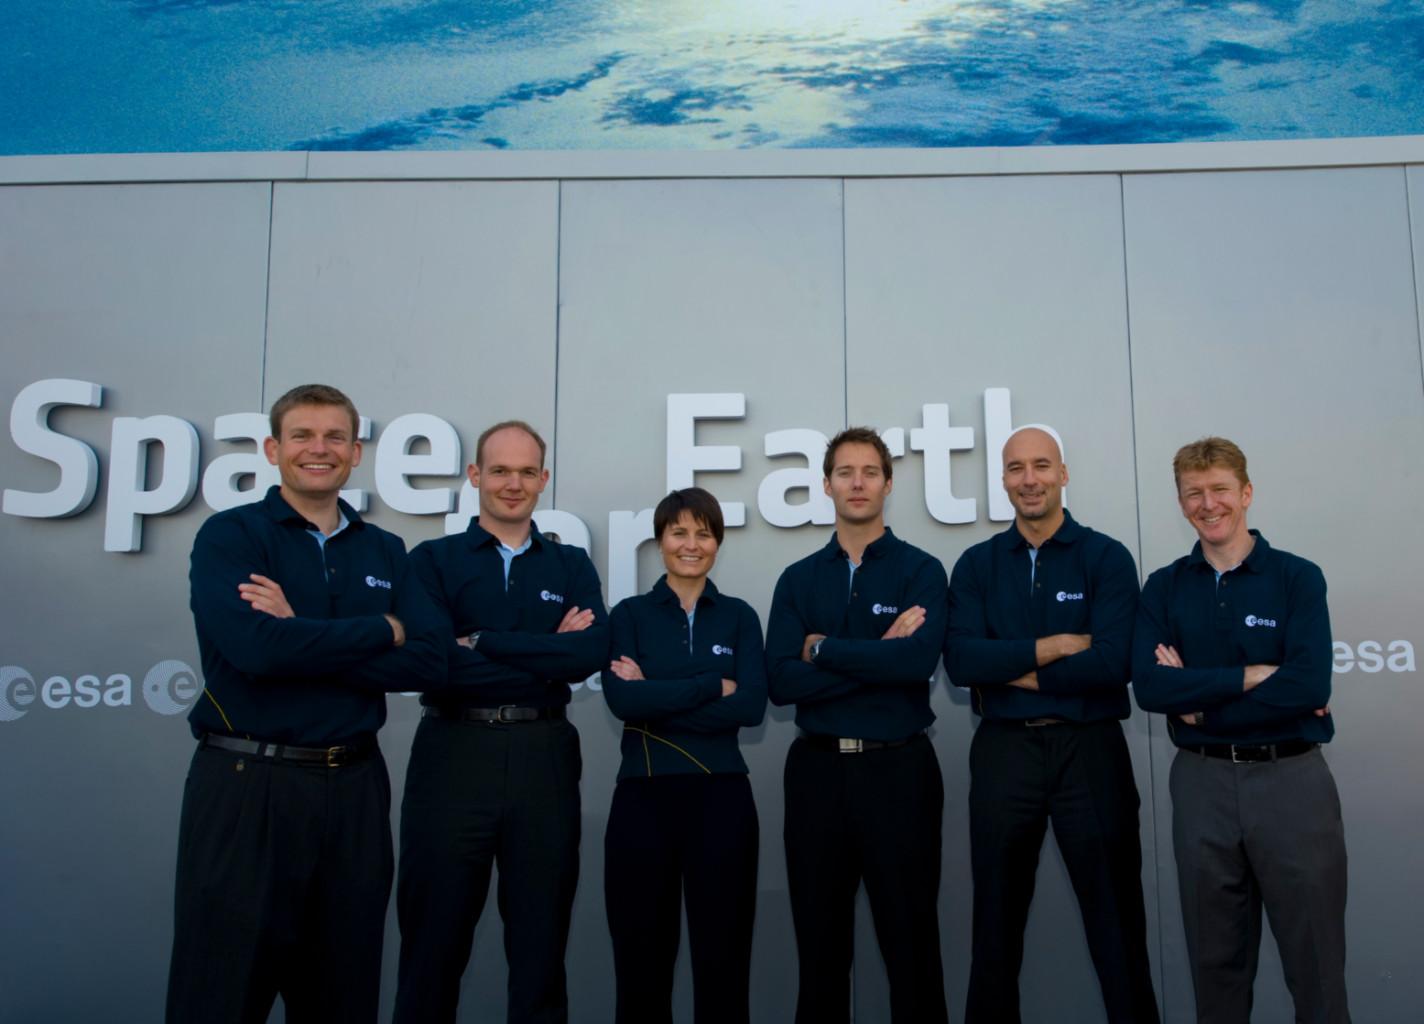 Les astronautes de la promotion 2008